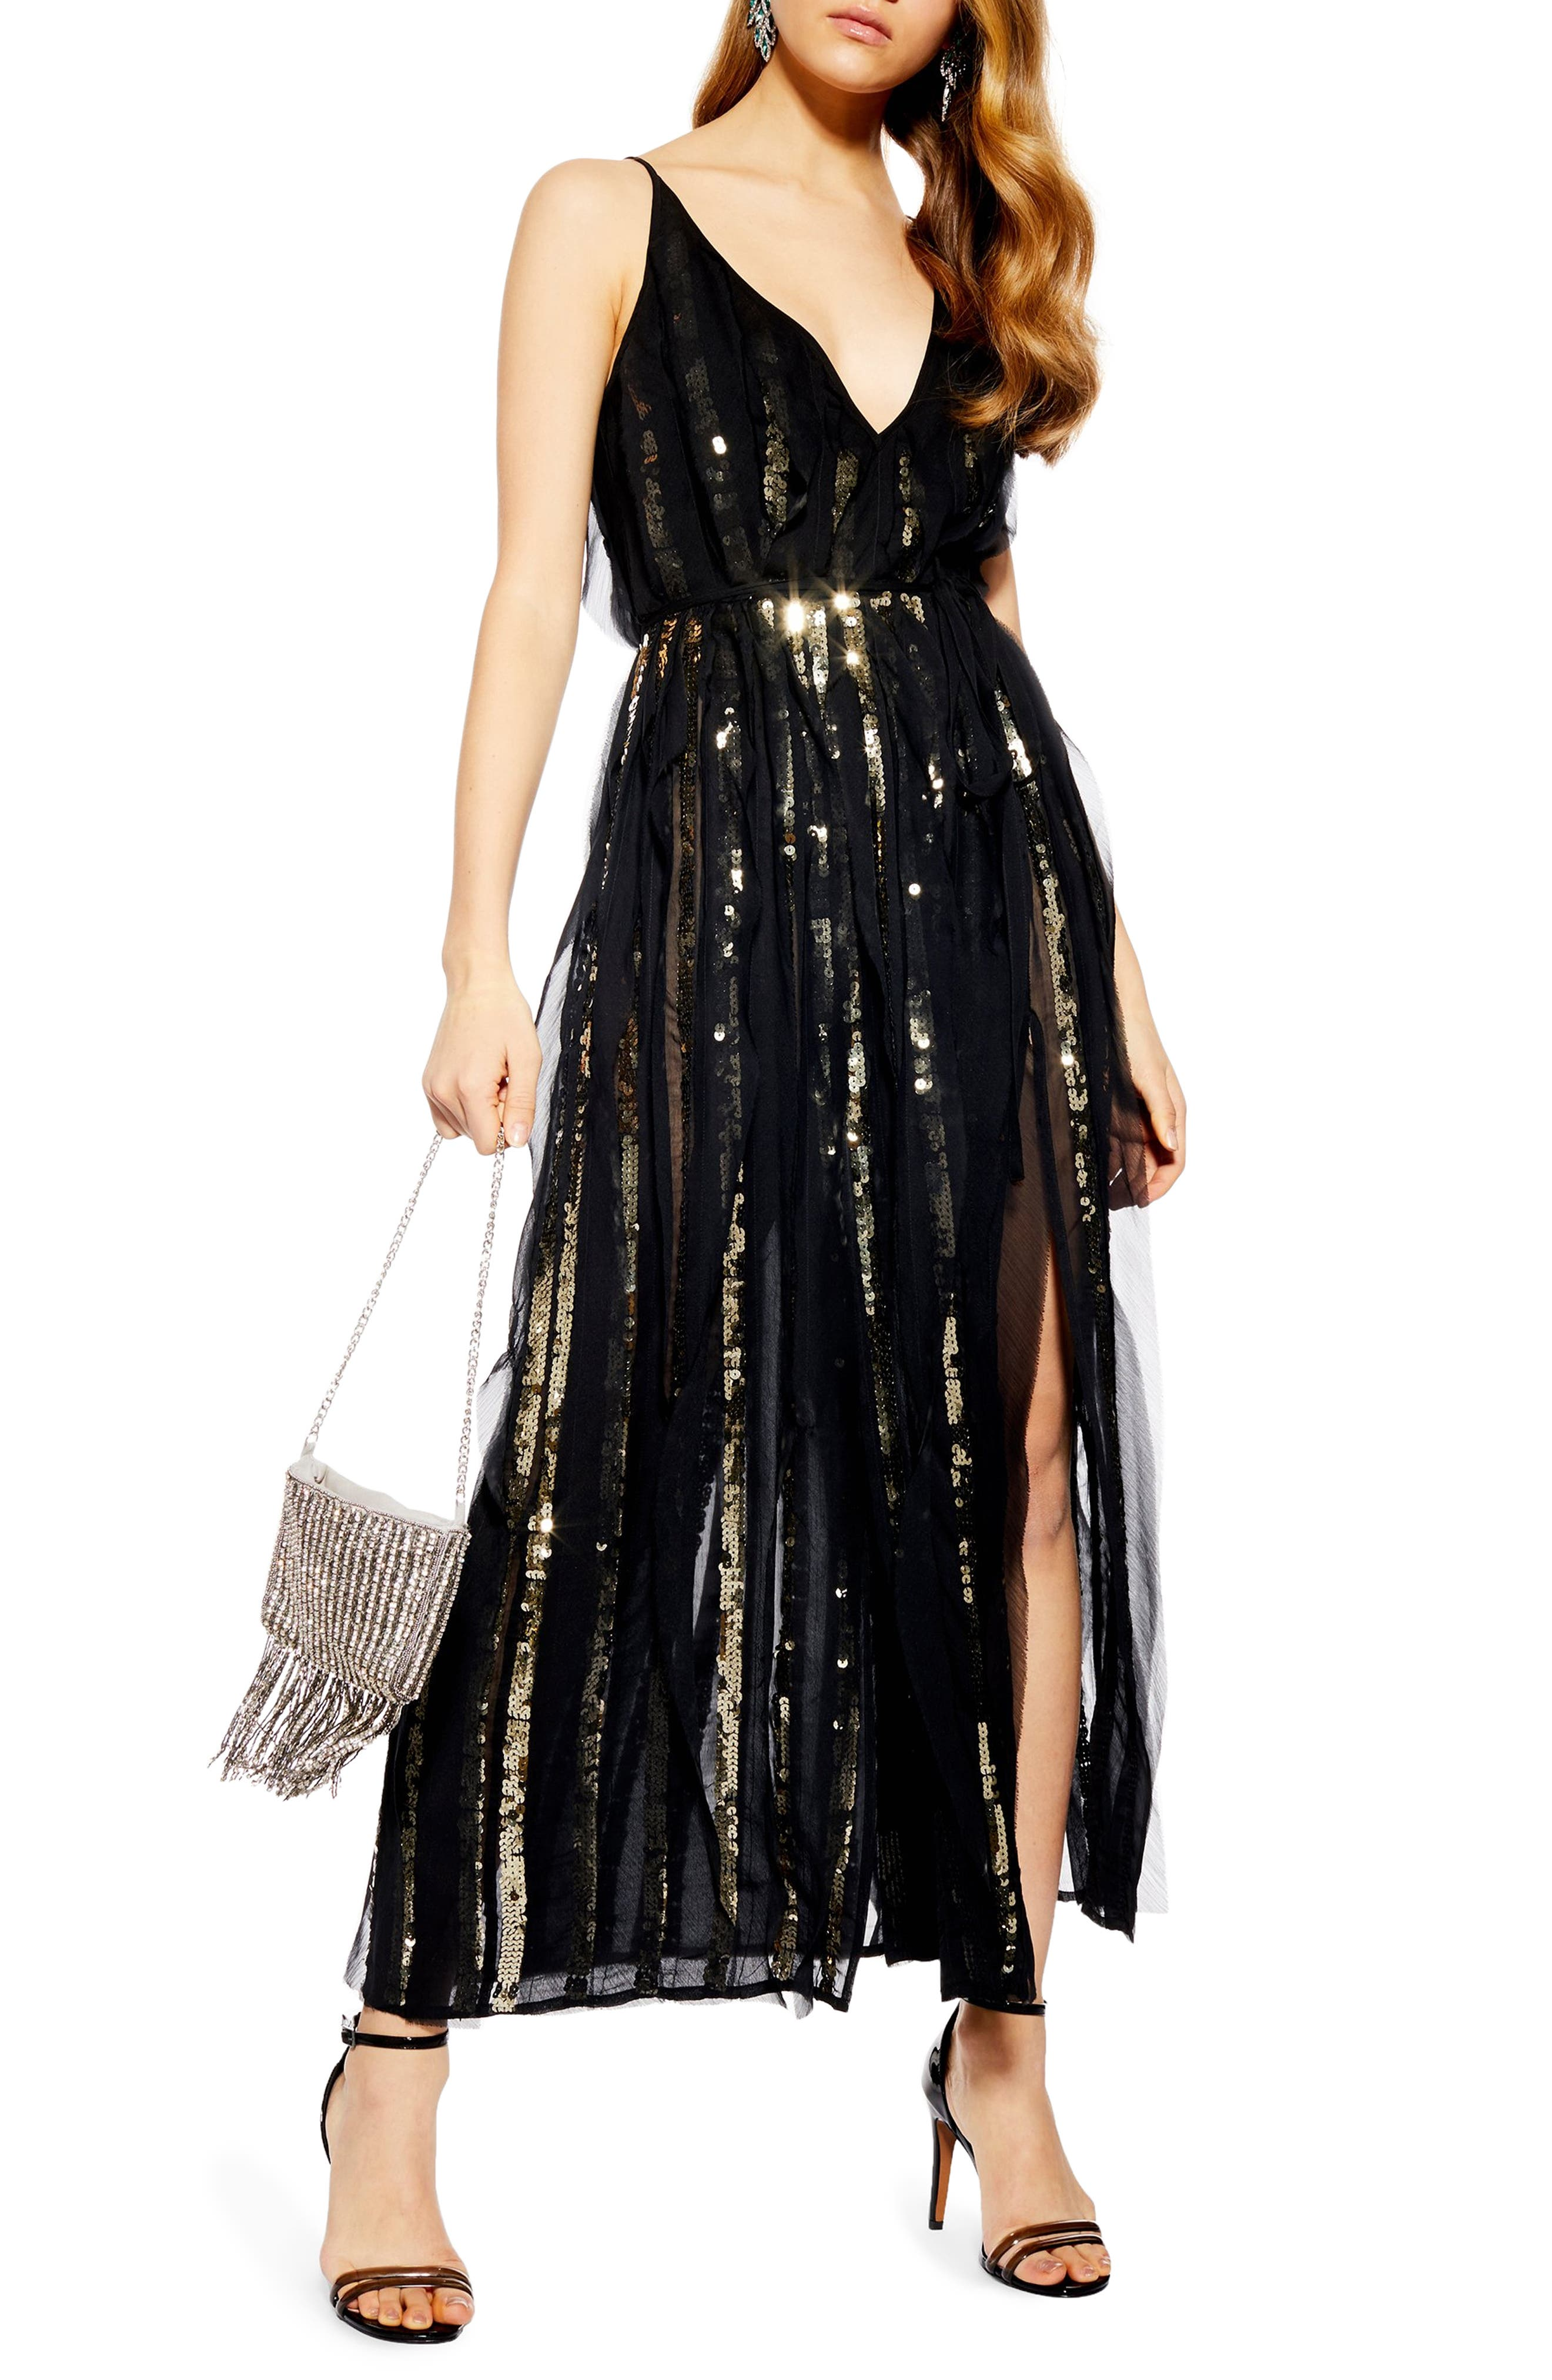 Topshop Sequin Stripe Chiffon Maxi Dress, US (fits like 0) - Black